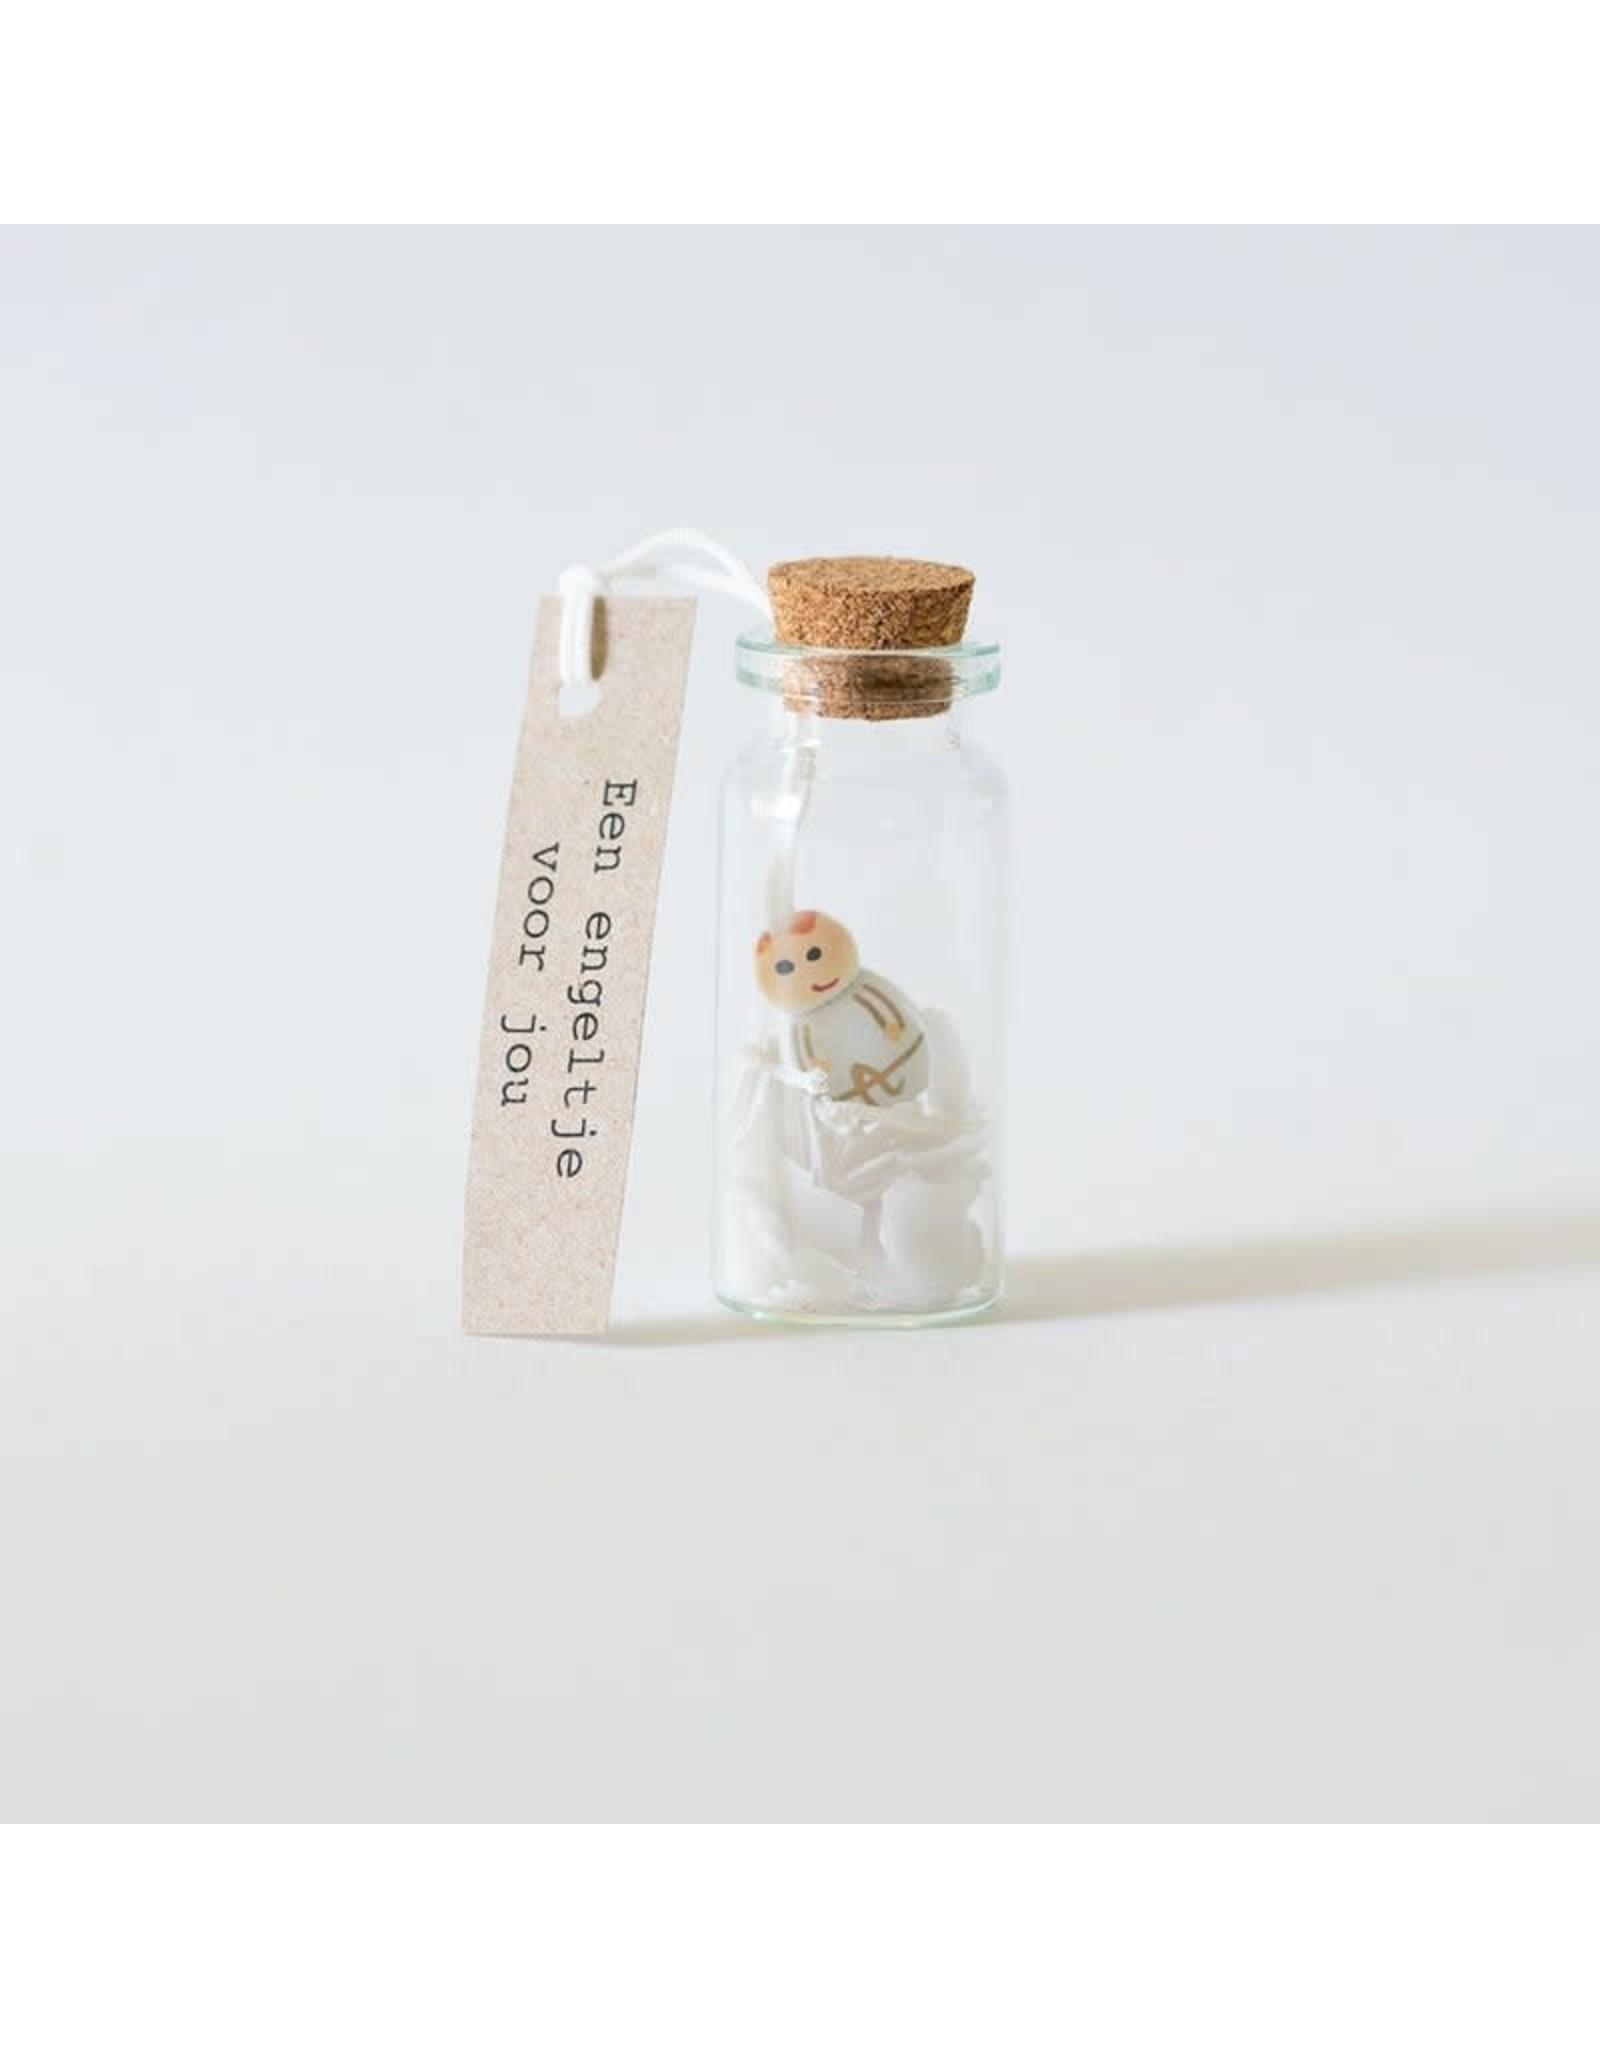 Sidedish Mini flesje geluk engel - Een engeltje voor jou! - 3,9 x 2,2